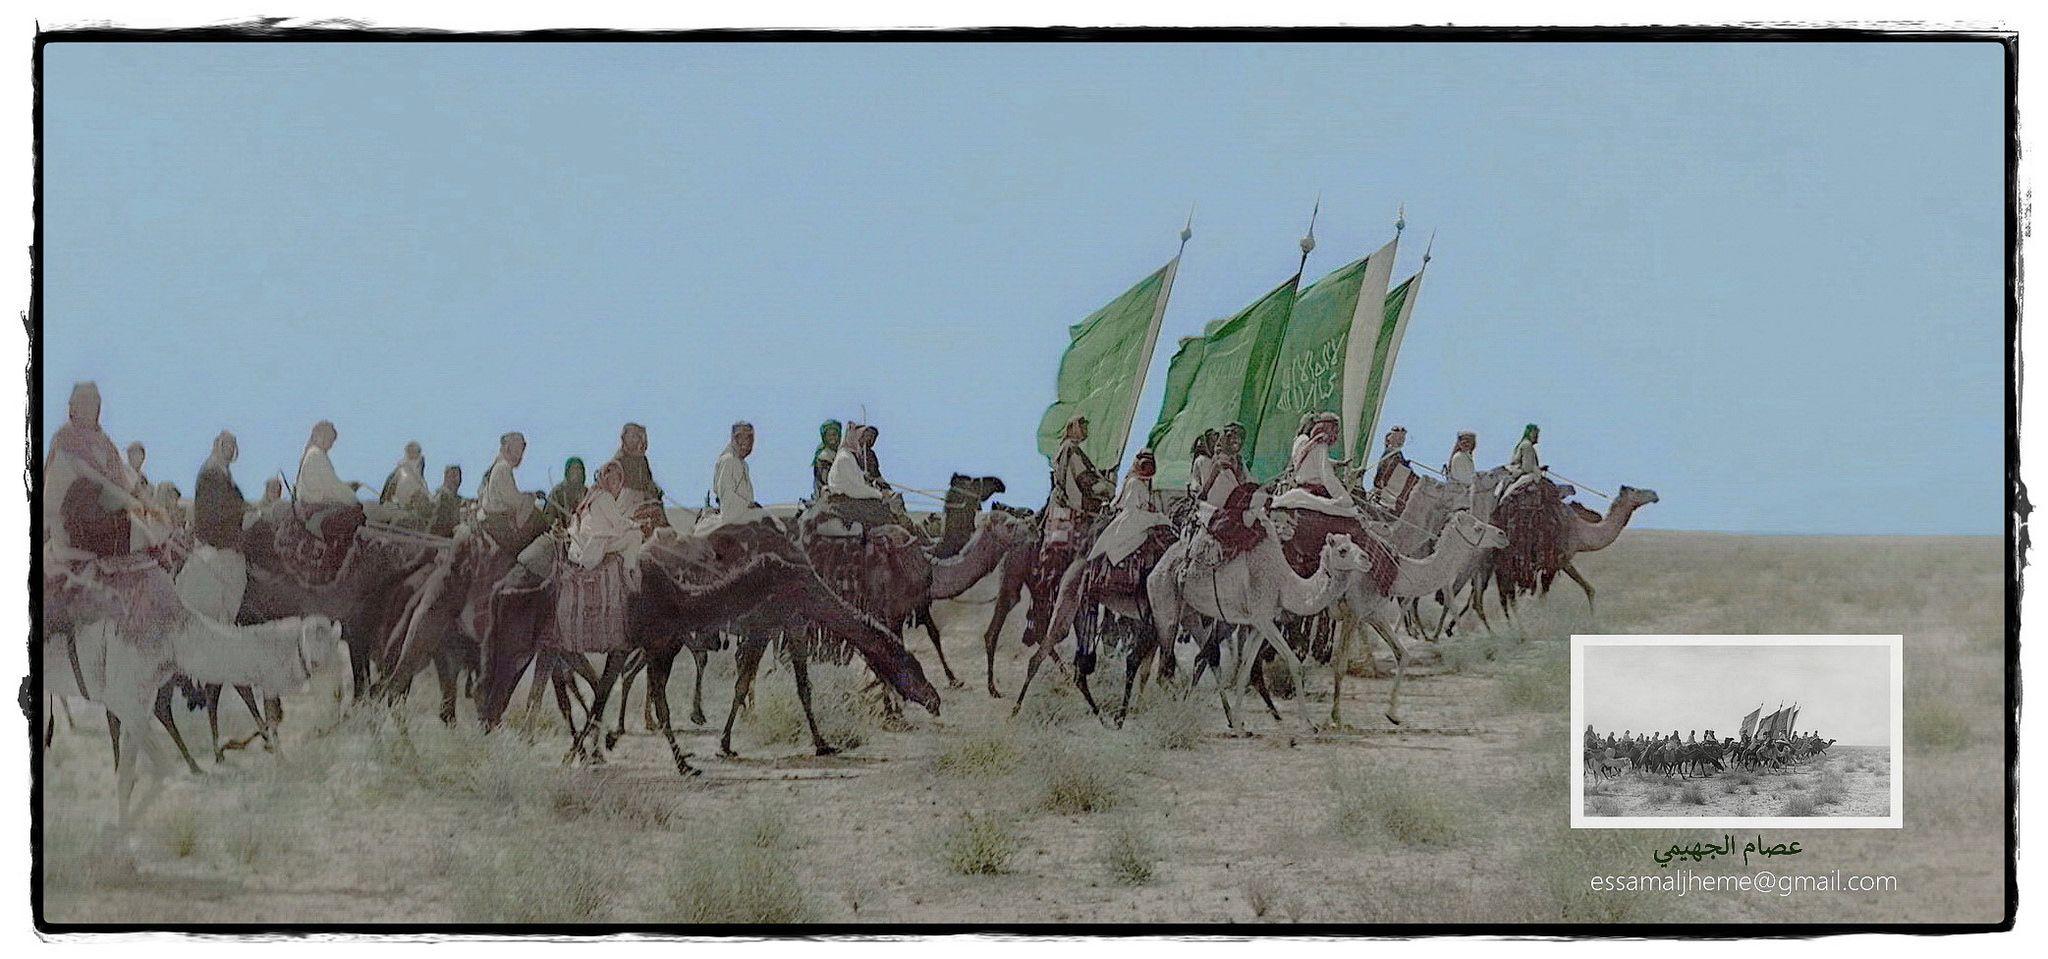 مسيرة جيش الملك عبدالعزيز Rare Pictures My Images Black And White